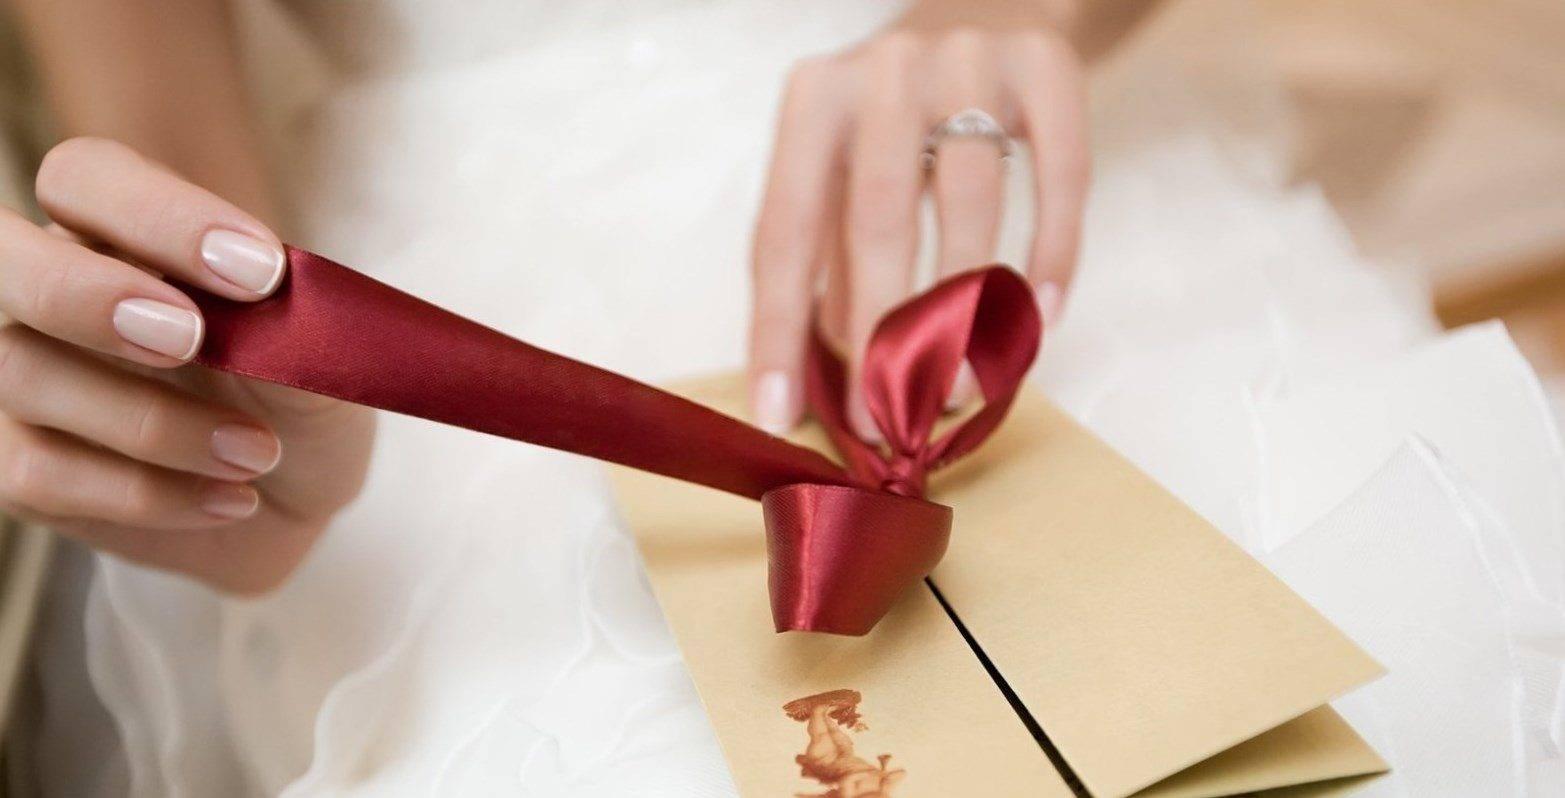 Выбираем недорогие и традиционные подарки для гостей от молодоженов